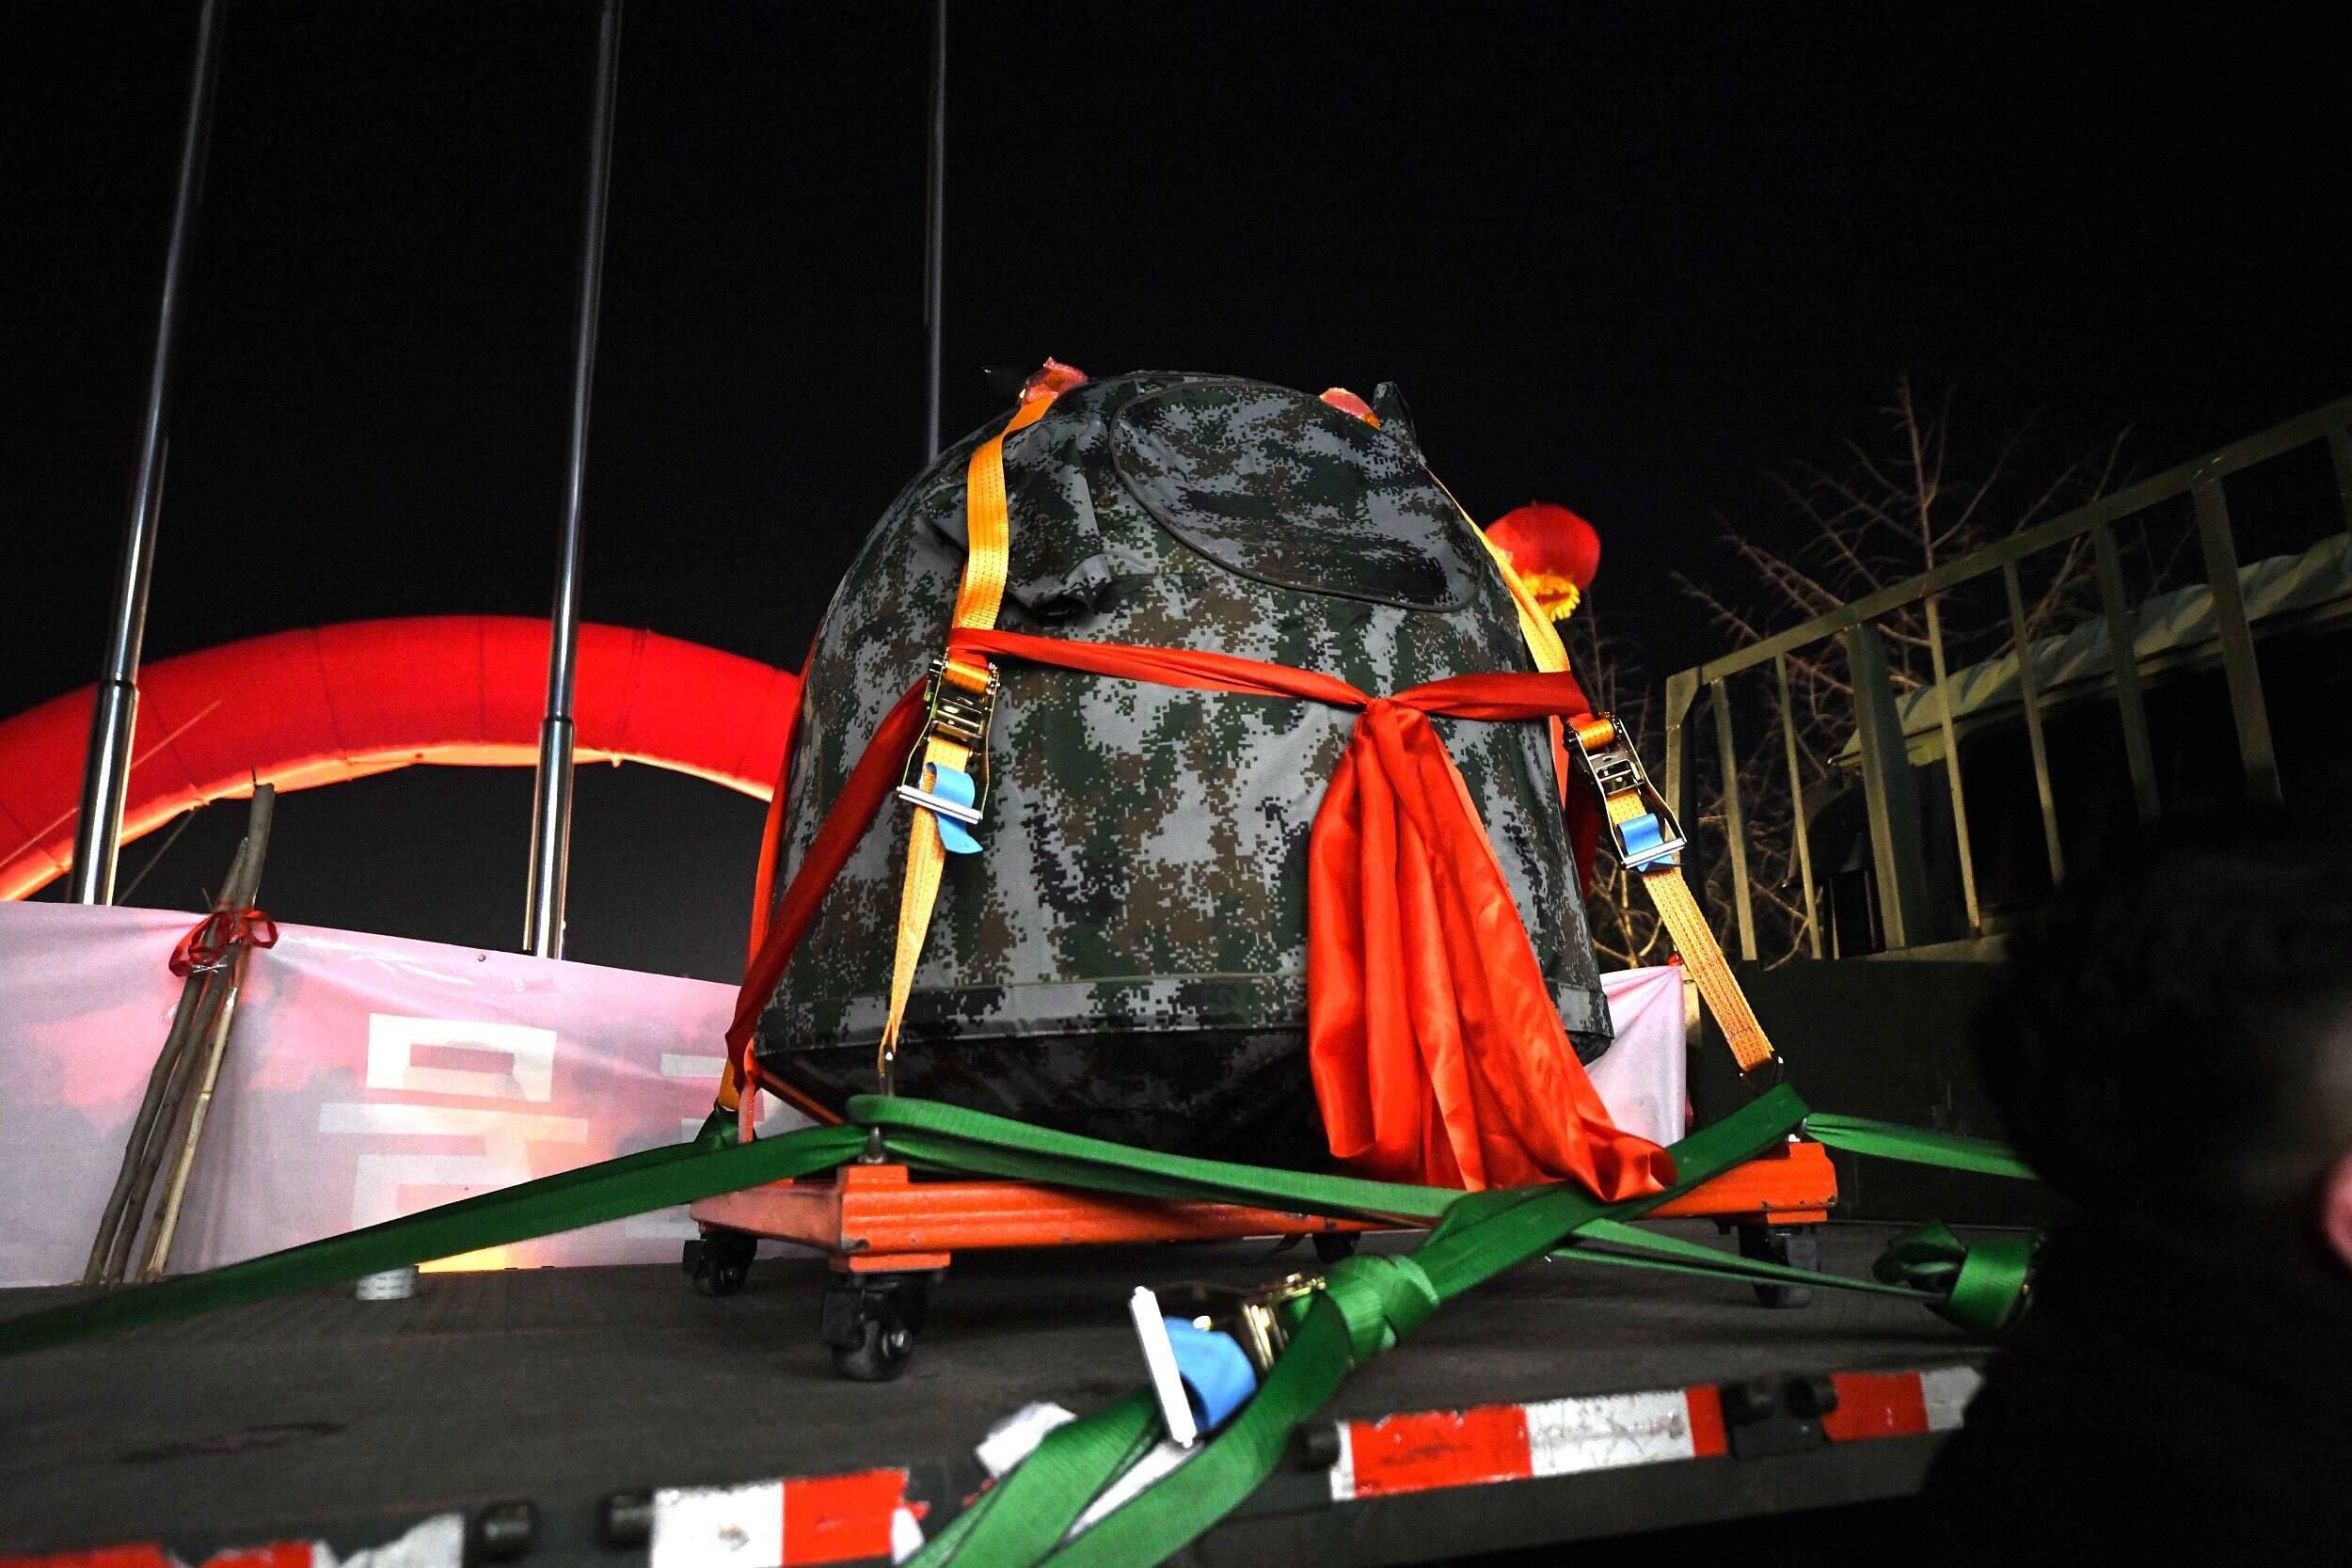 【地评线】齐鲁网评:嫦娥五号虽已回家 科学探索仍在路上